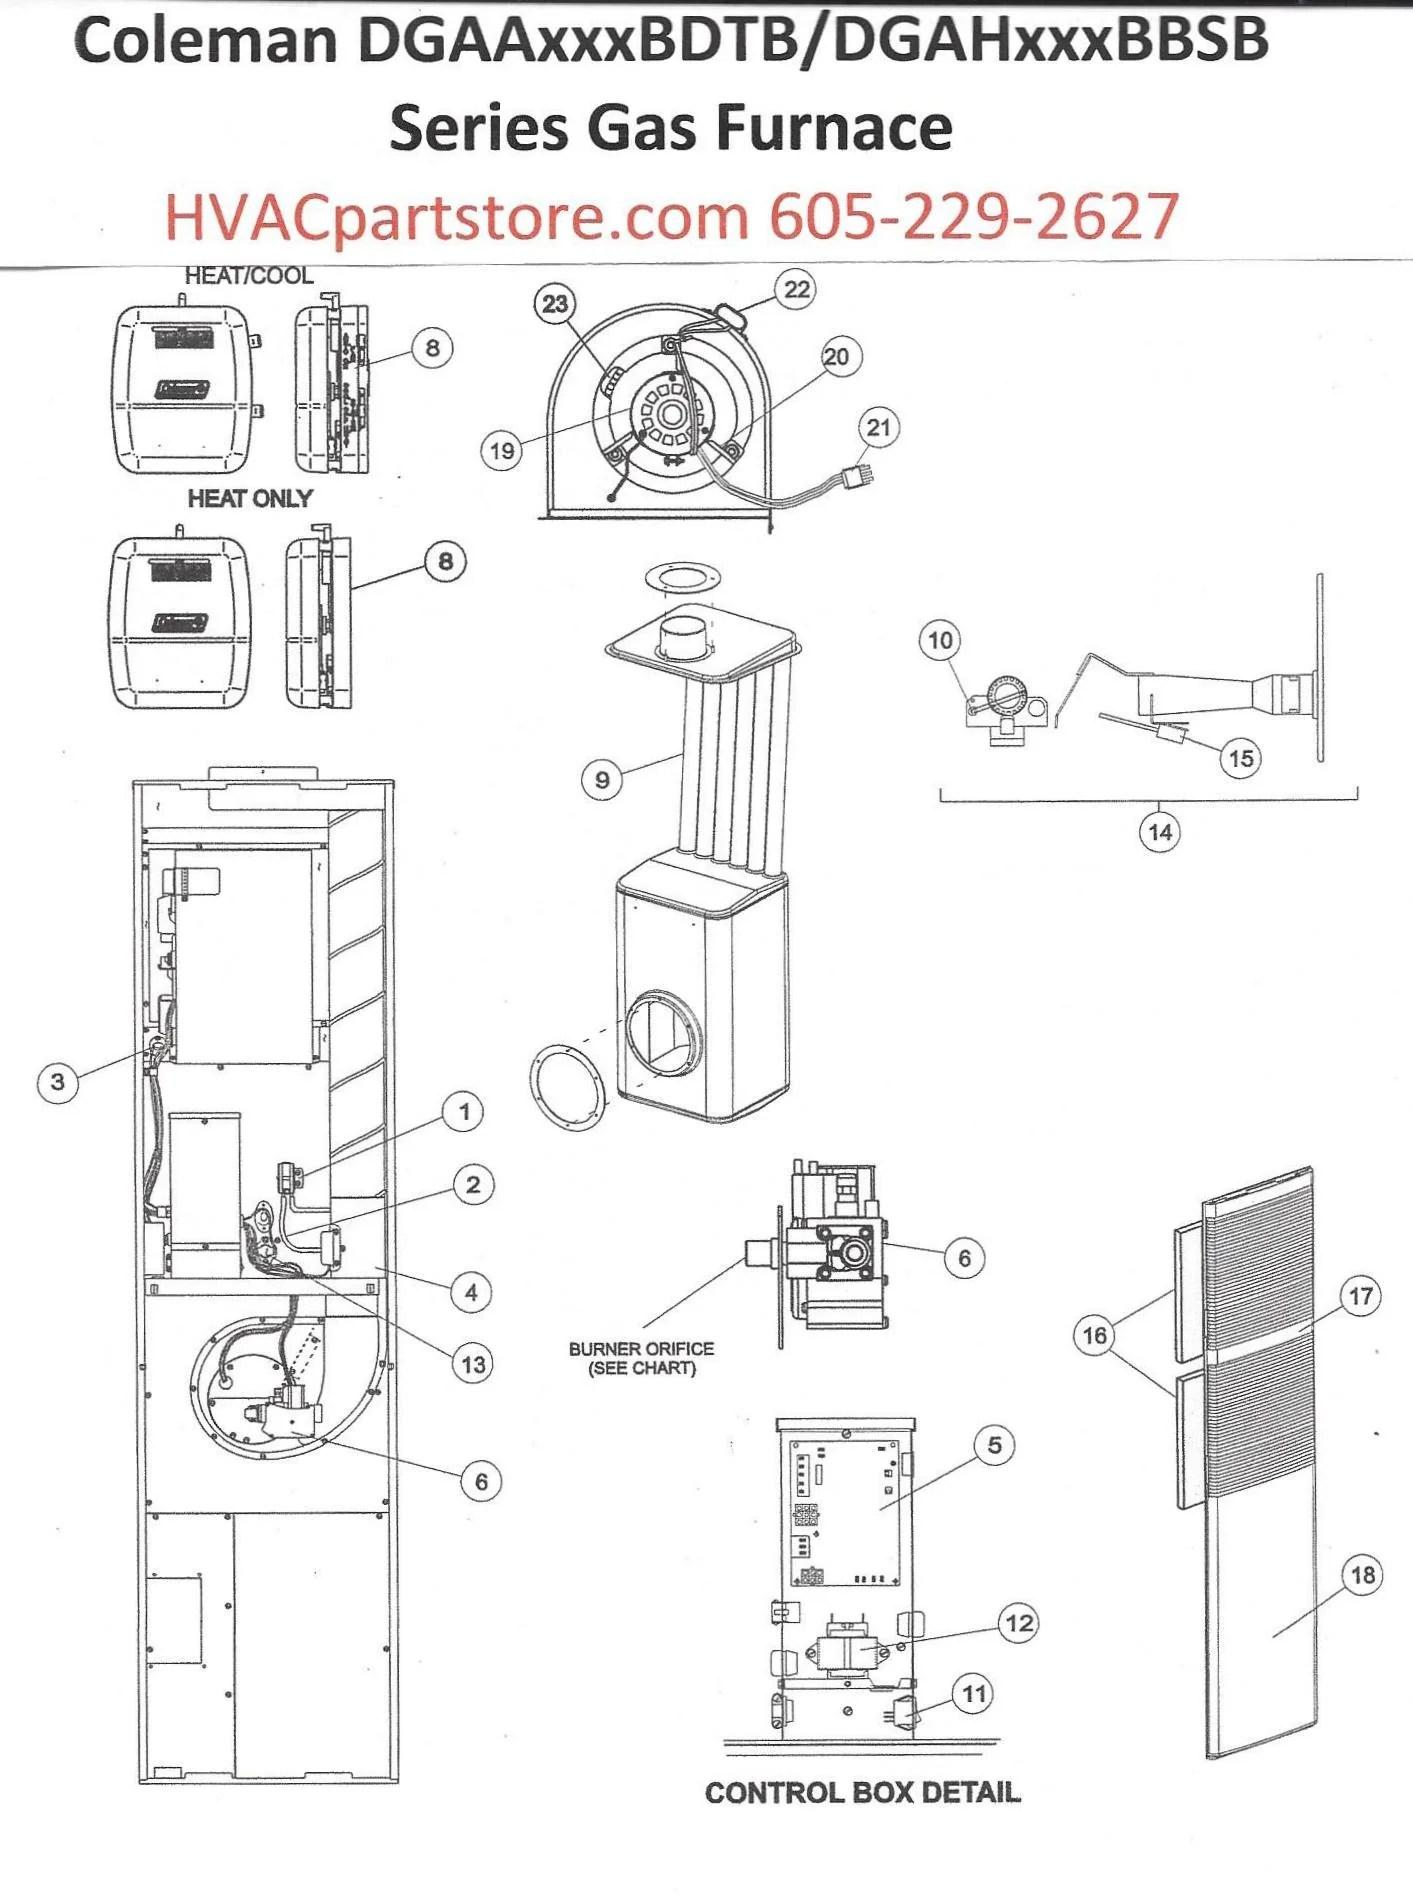 DGAA070BDTB Coleman Gas Furnace Parts – HVACpartstore